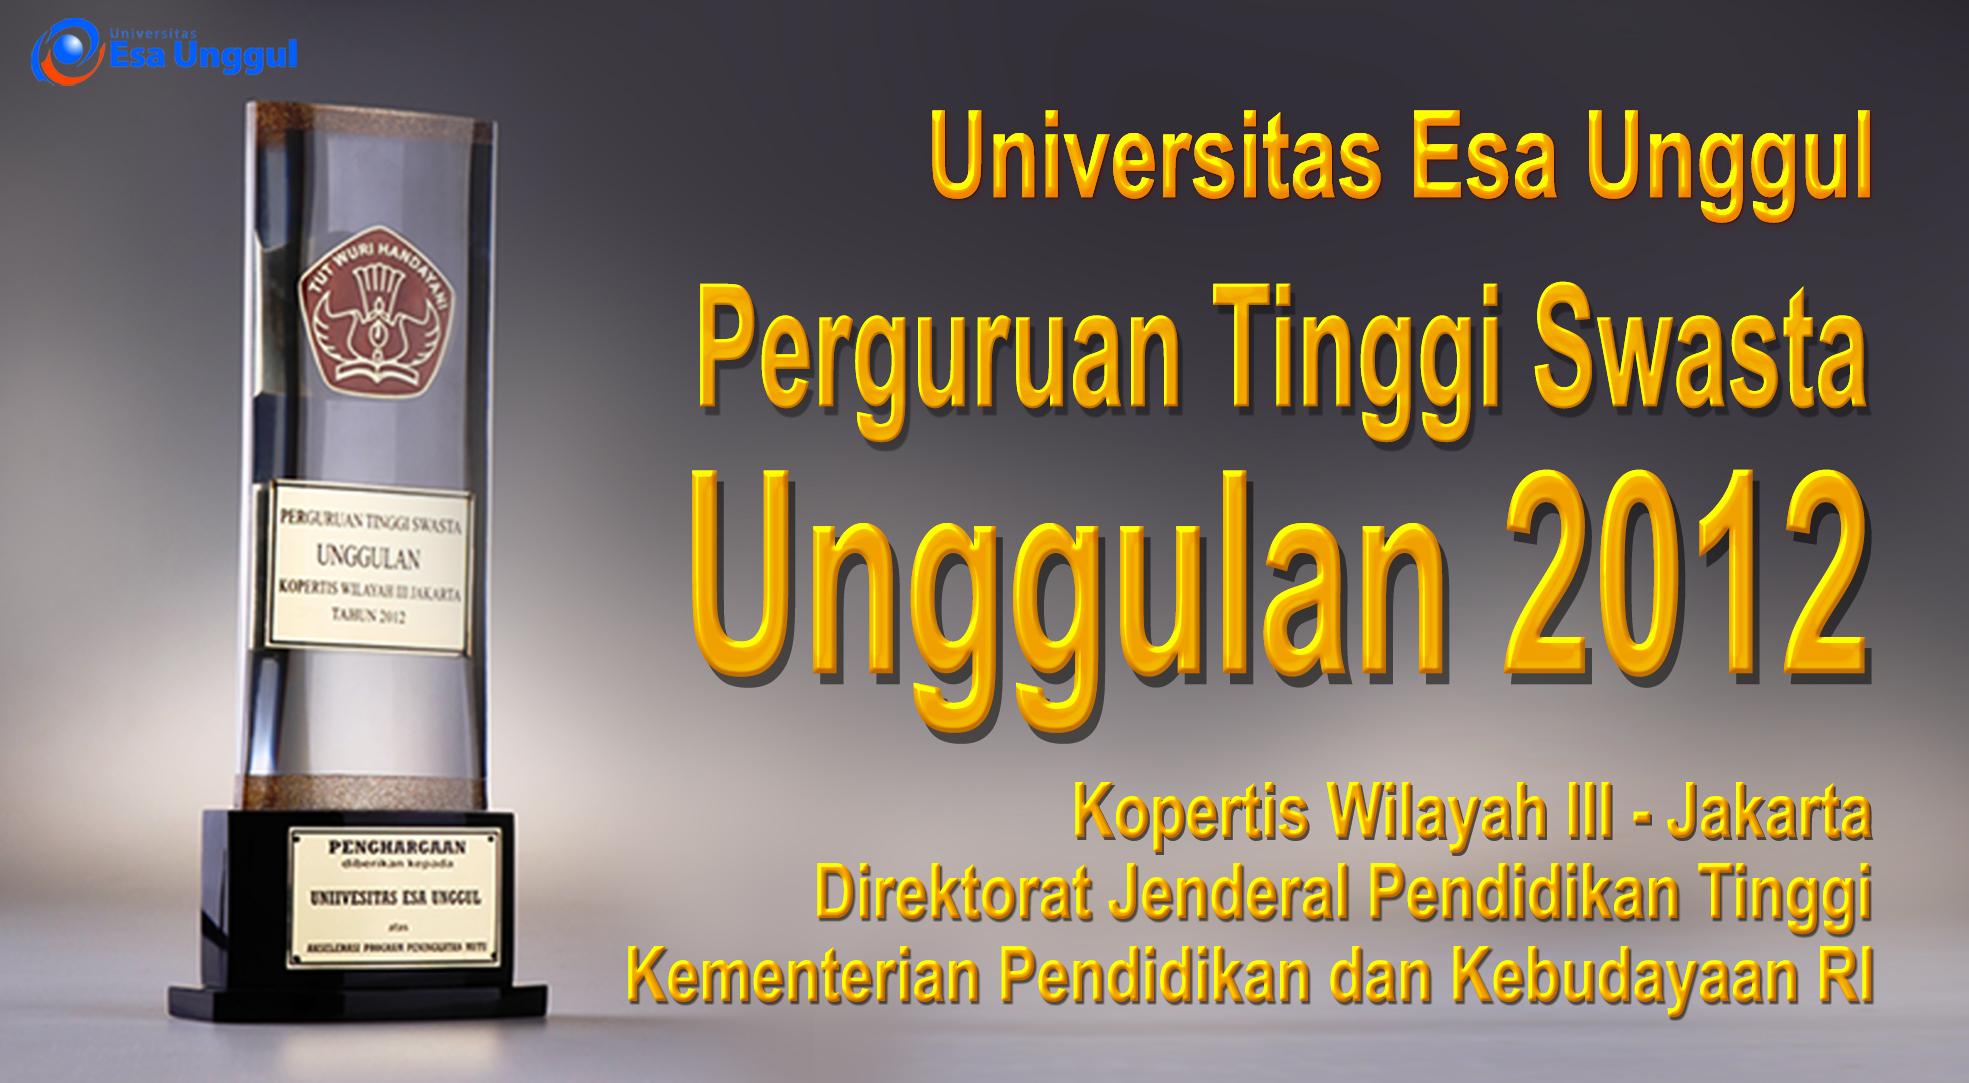 Universitas Esa Unggul menjadi Pemenang Perguruan Tinggi Swasta Unggulan 2012 – Kopertis Wilayah III Jakarta Bidang Akselerasi Program Peningkatan Mutu